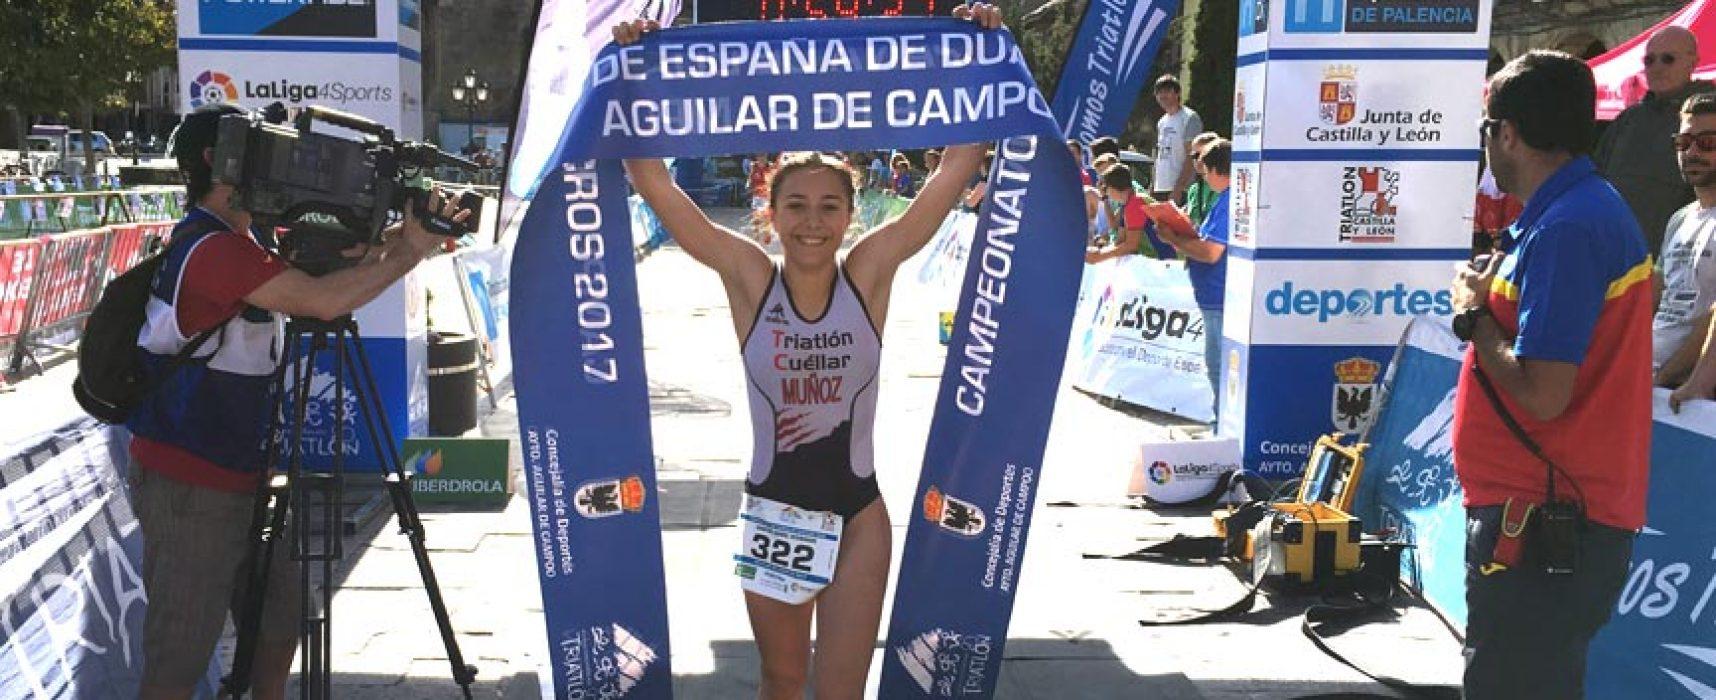 La cuellarana Marina Muñoz se proclama campeona de España de Duatlón y Triatlón Cross